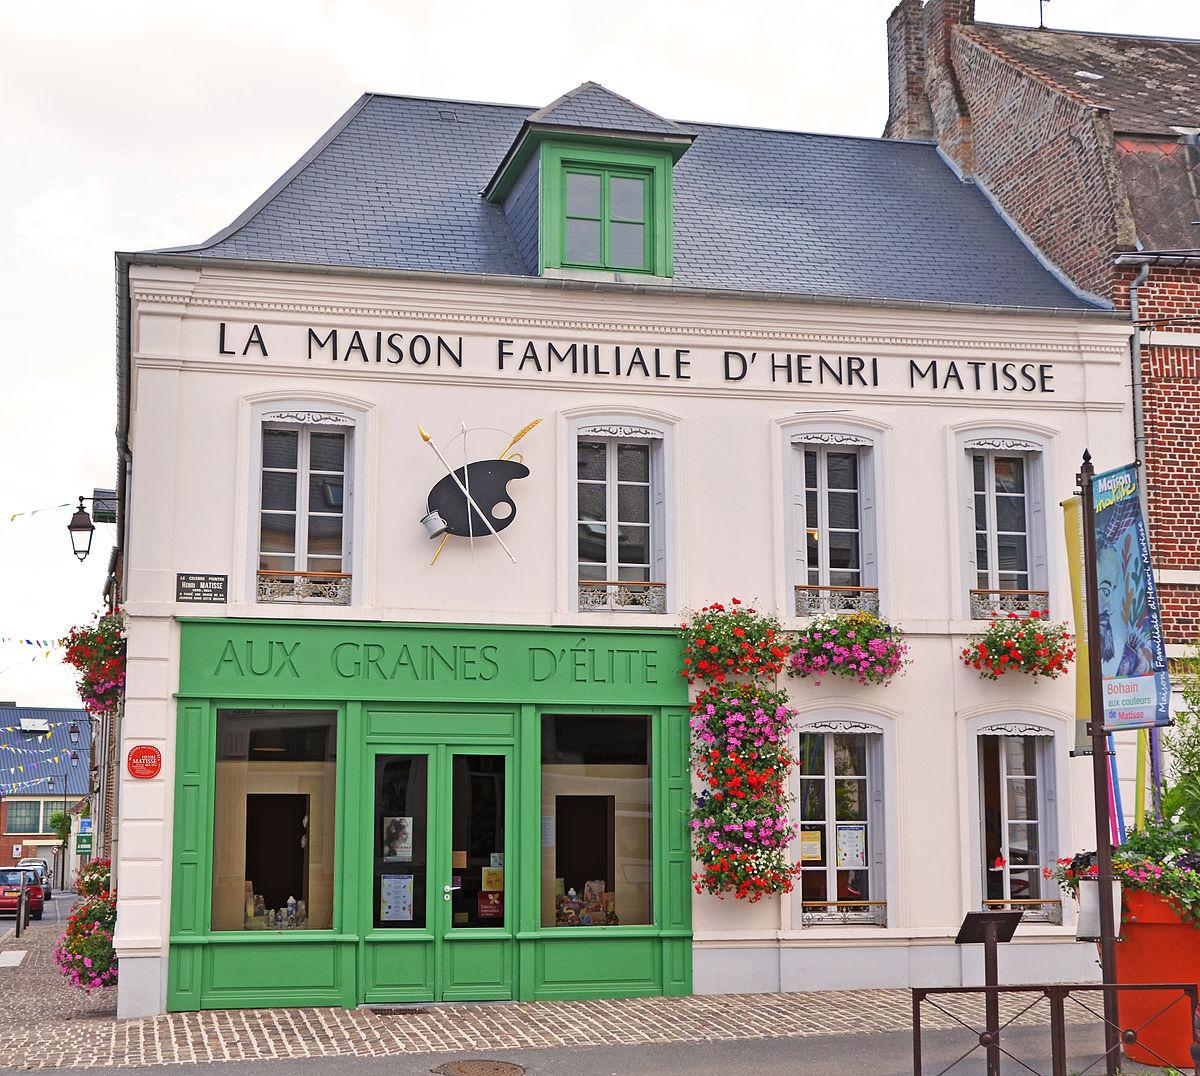 Facades De Maisons En Couleurs file:la façade de la maison familiale d'henri matisse